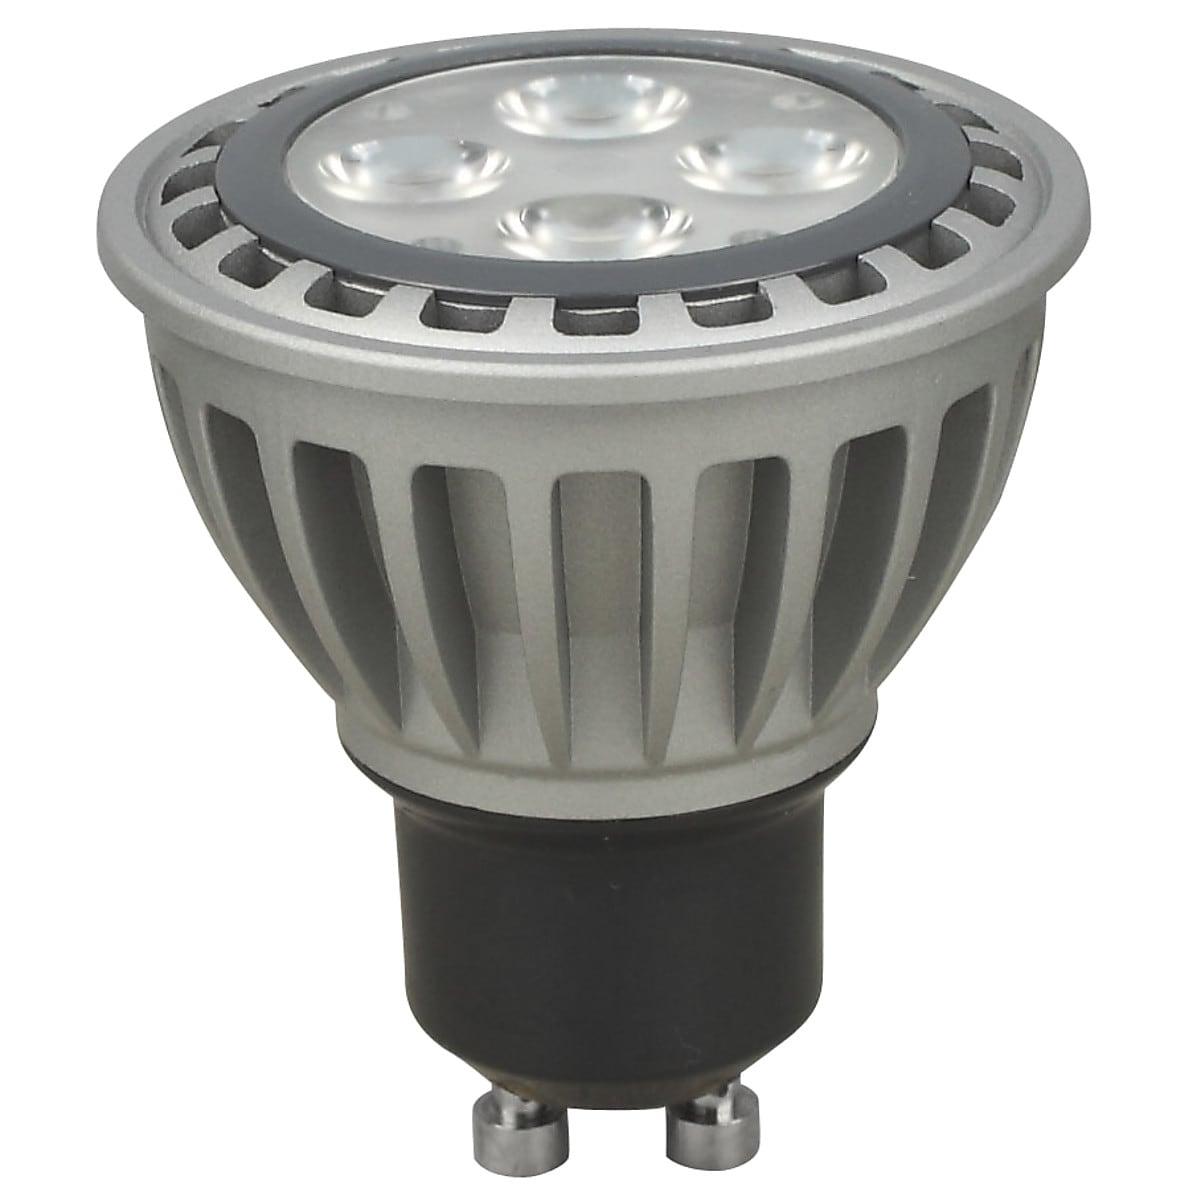 Dimbar LED-lampa